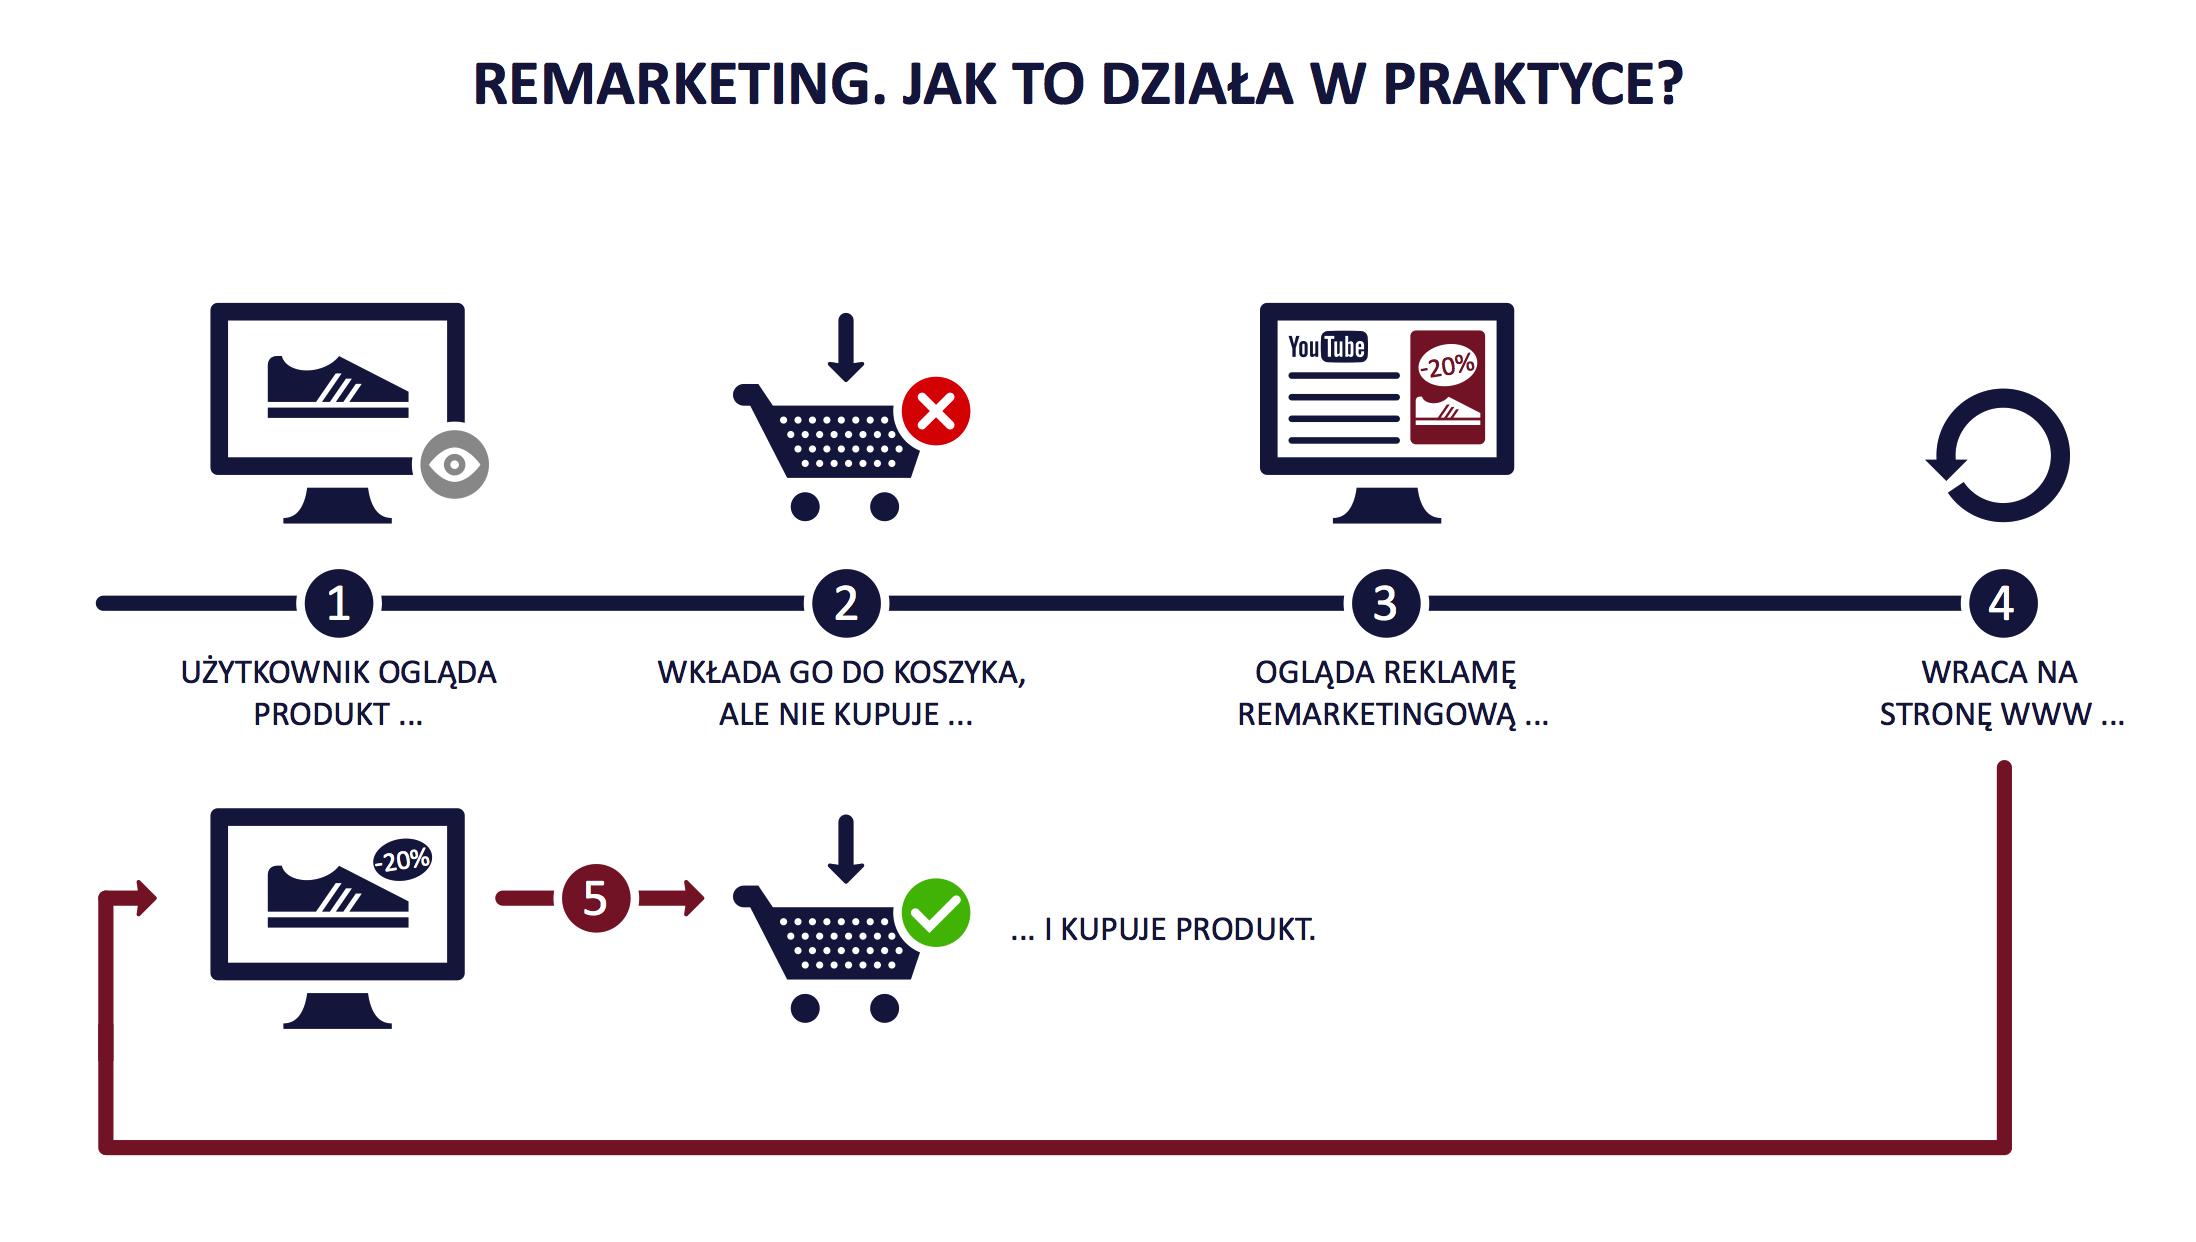 Grafika obrazująca proces remarketingu od etapu oglądania produktu przez klienta do etapu powrotu na stronę i zakupu